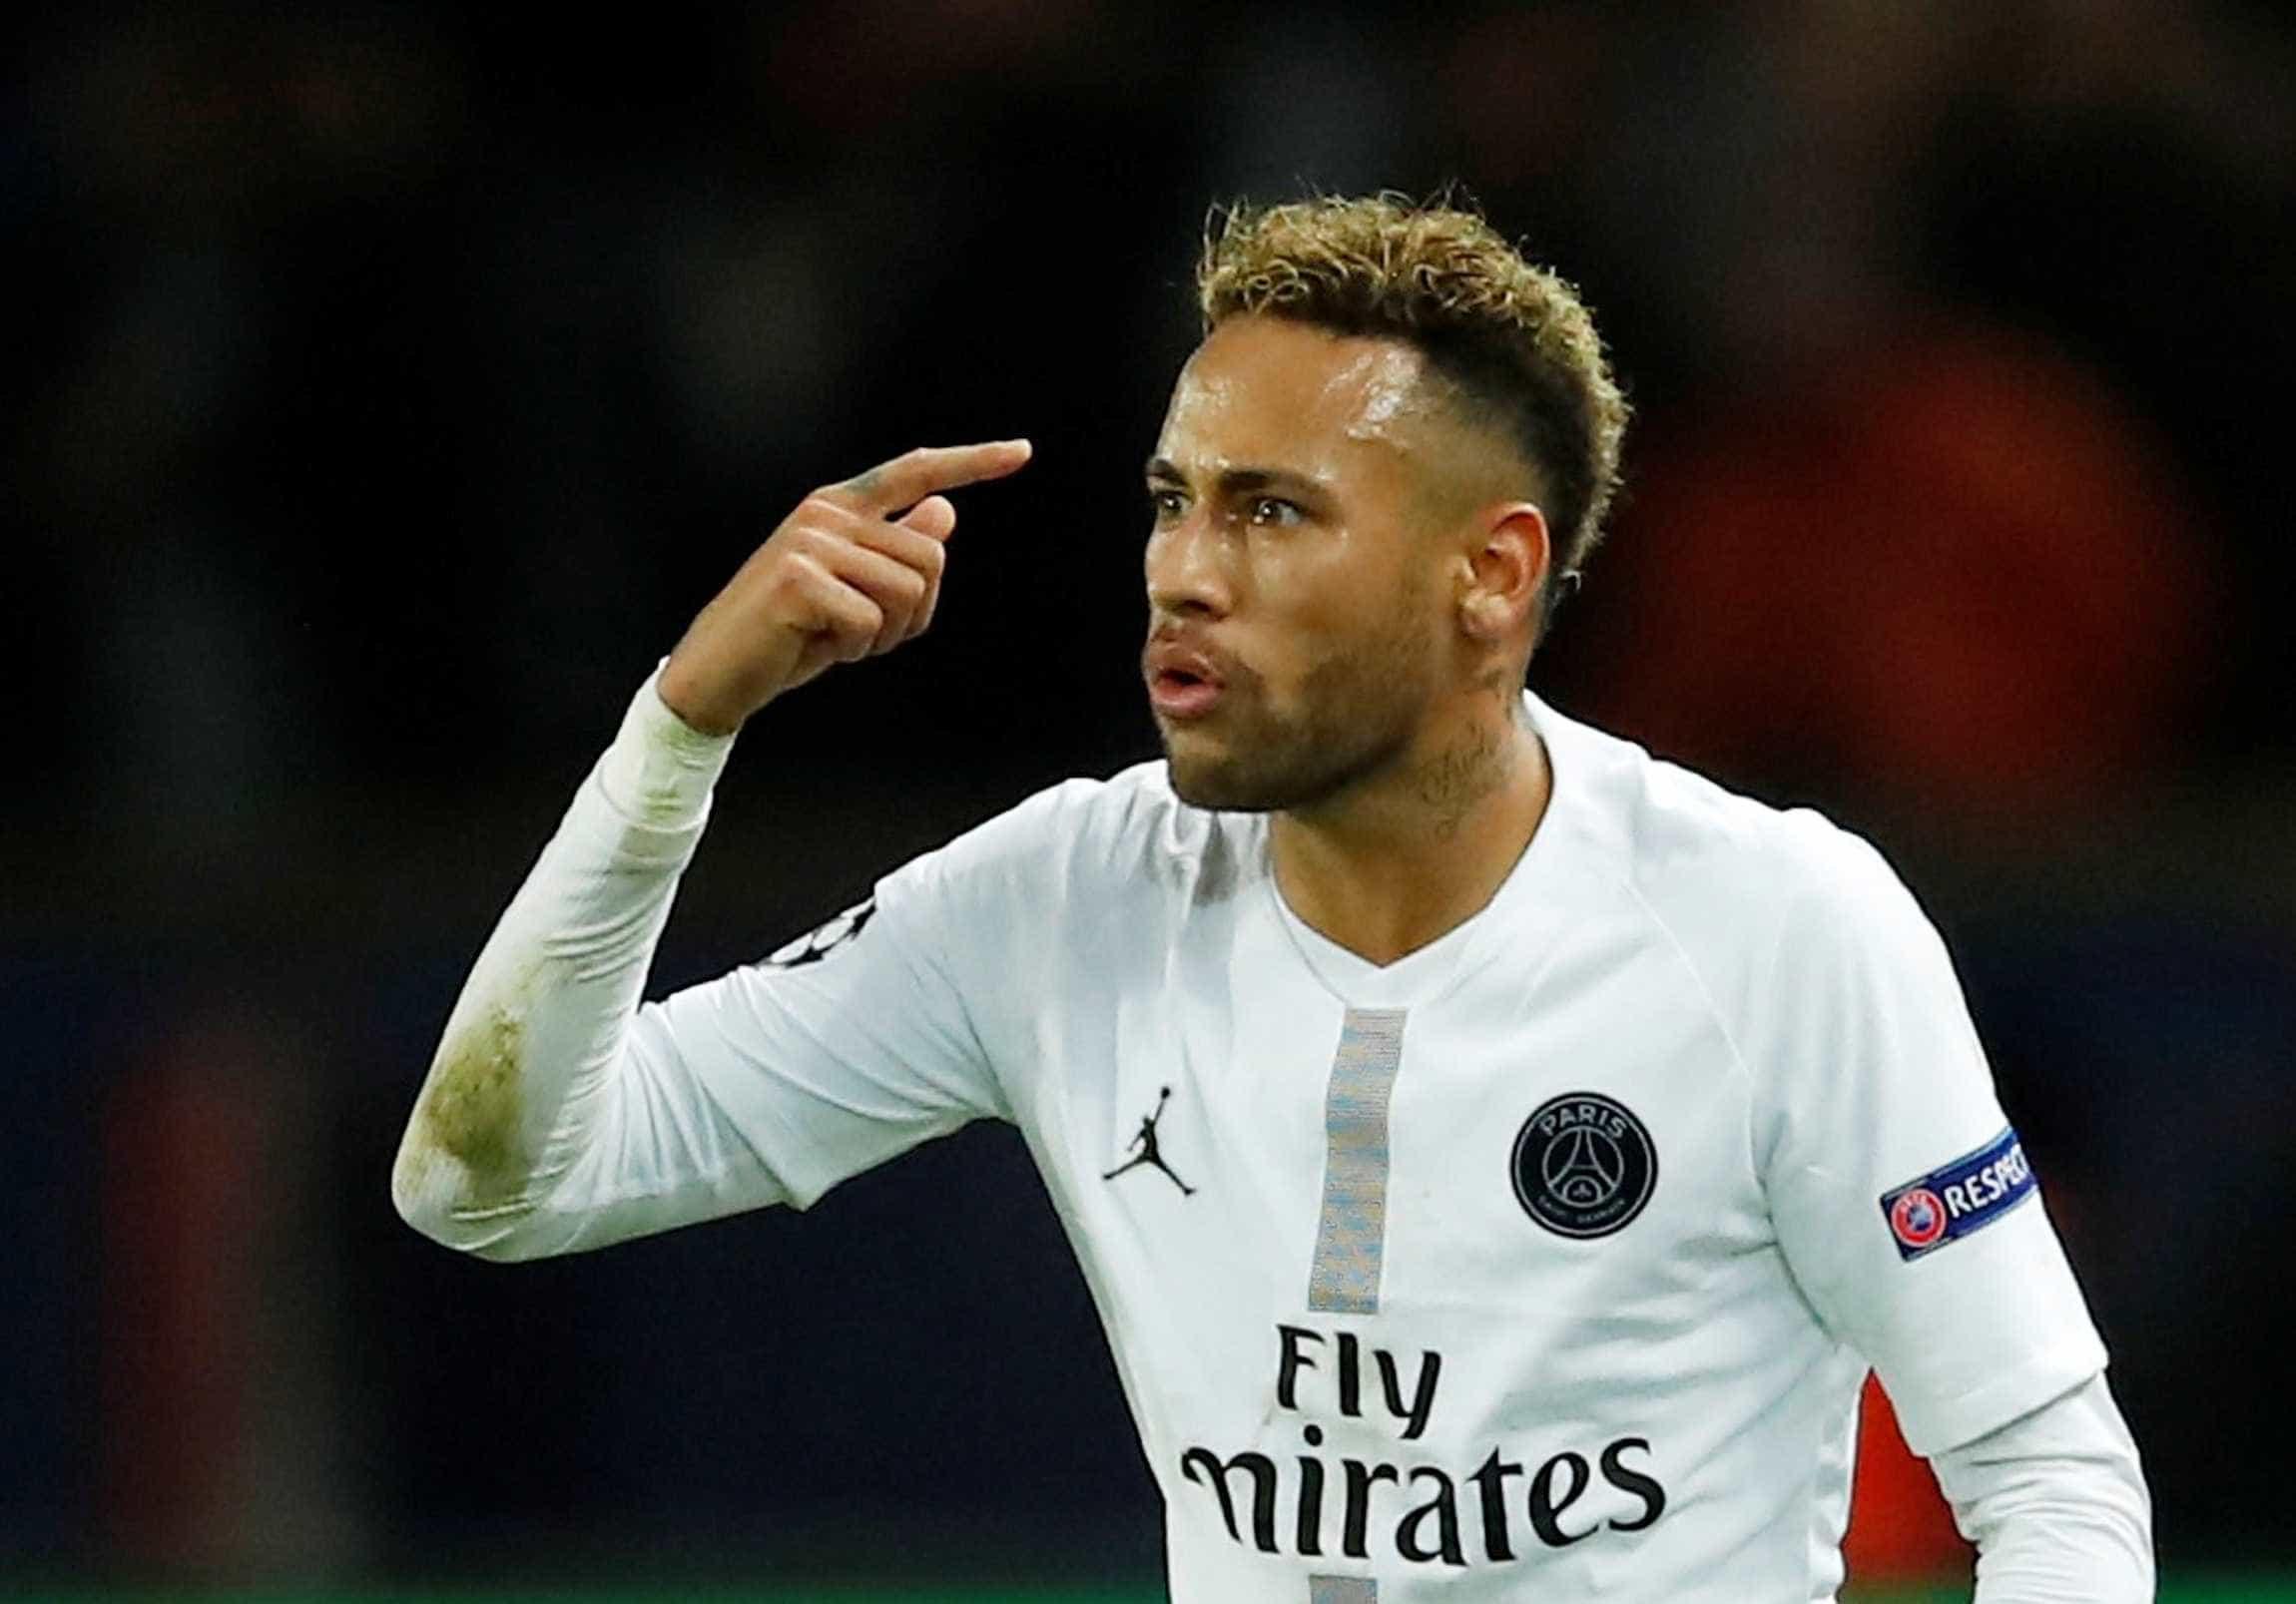 Com gol de Neymar, PSG vence fácil time da 5ª divisão